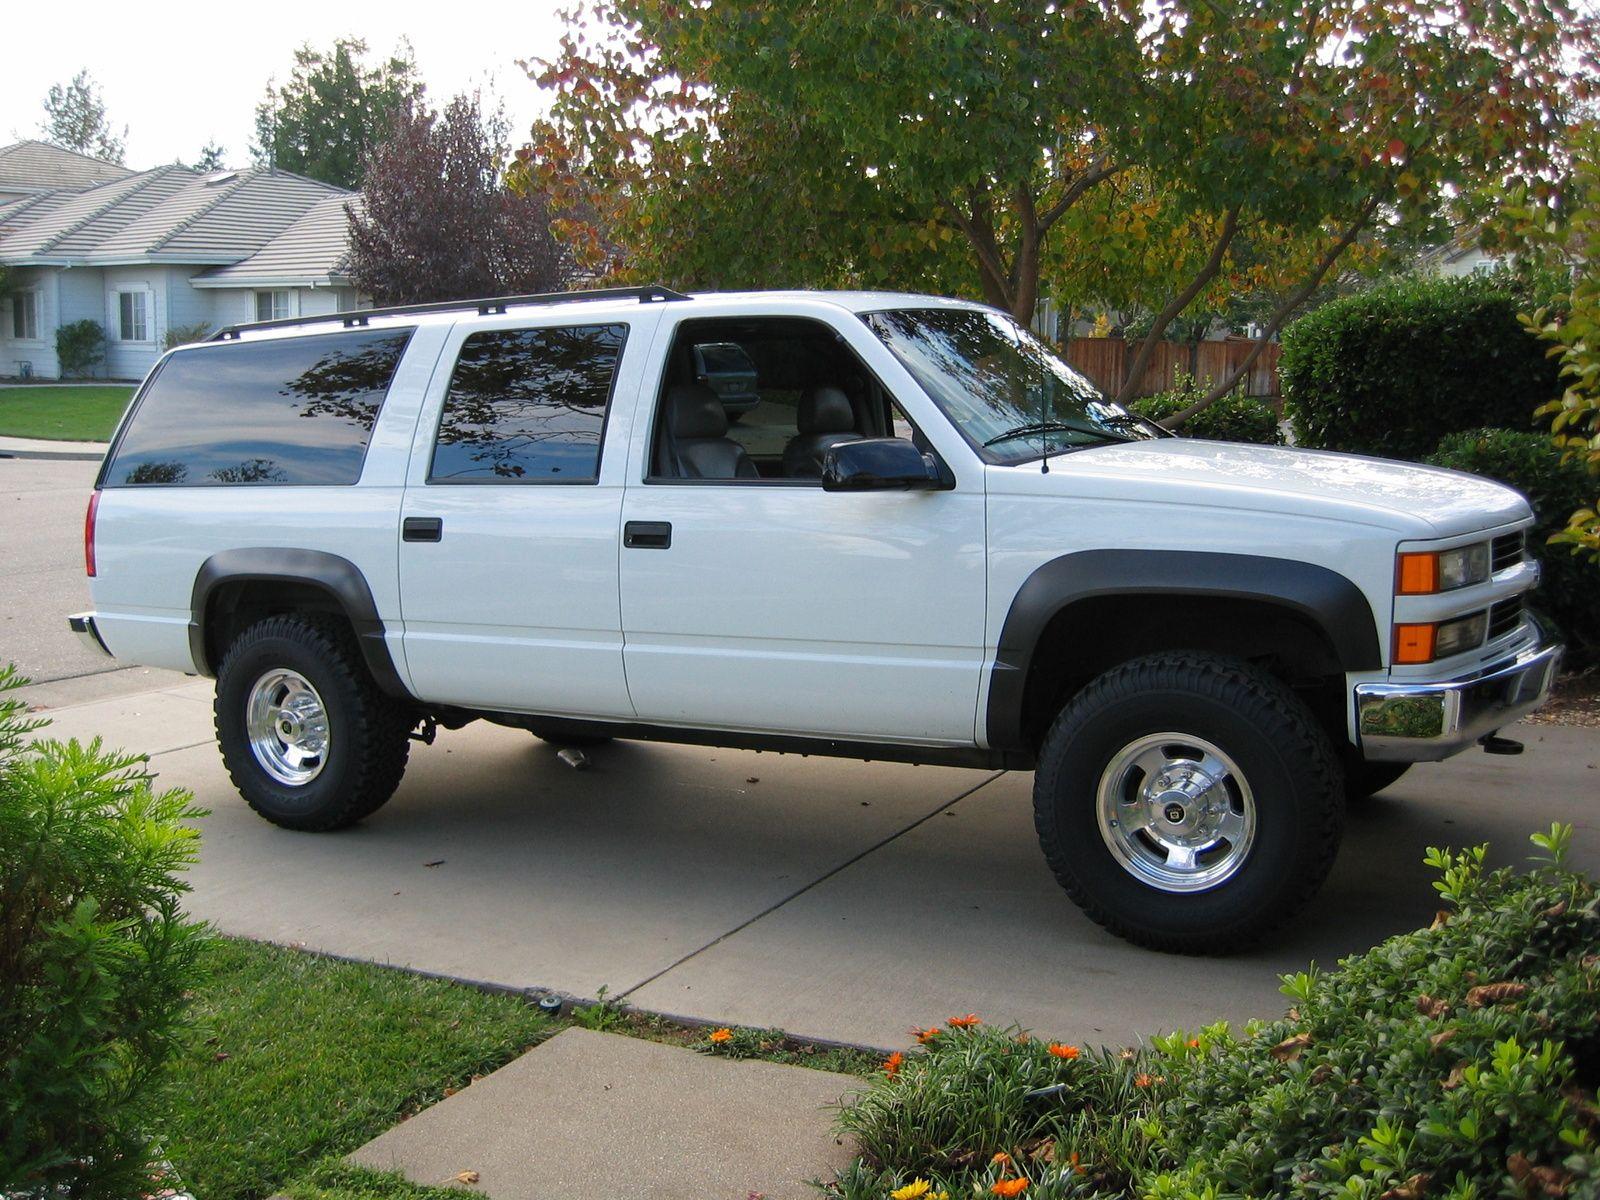 1997 Chevrolet Suburban Pictures Cargurus Chevrolet Suburban